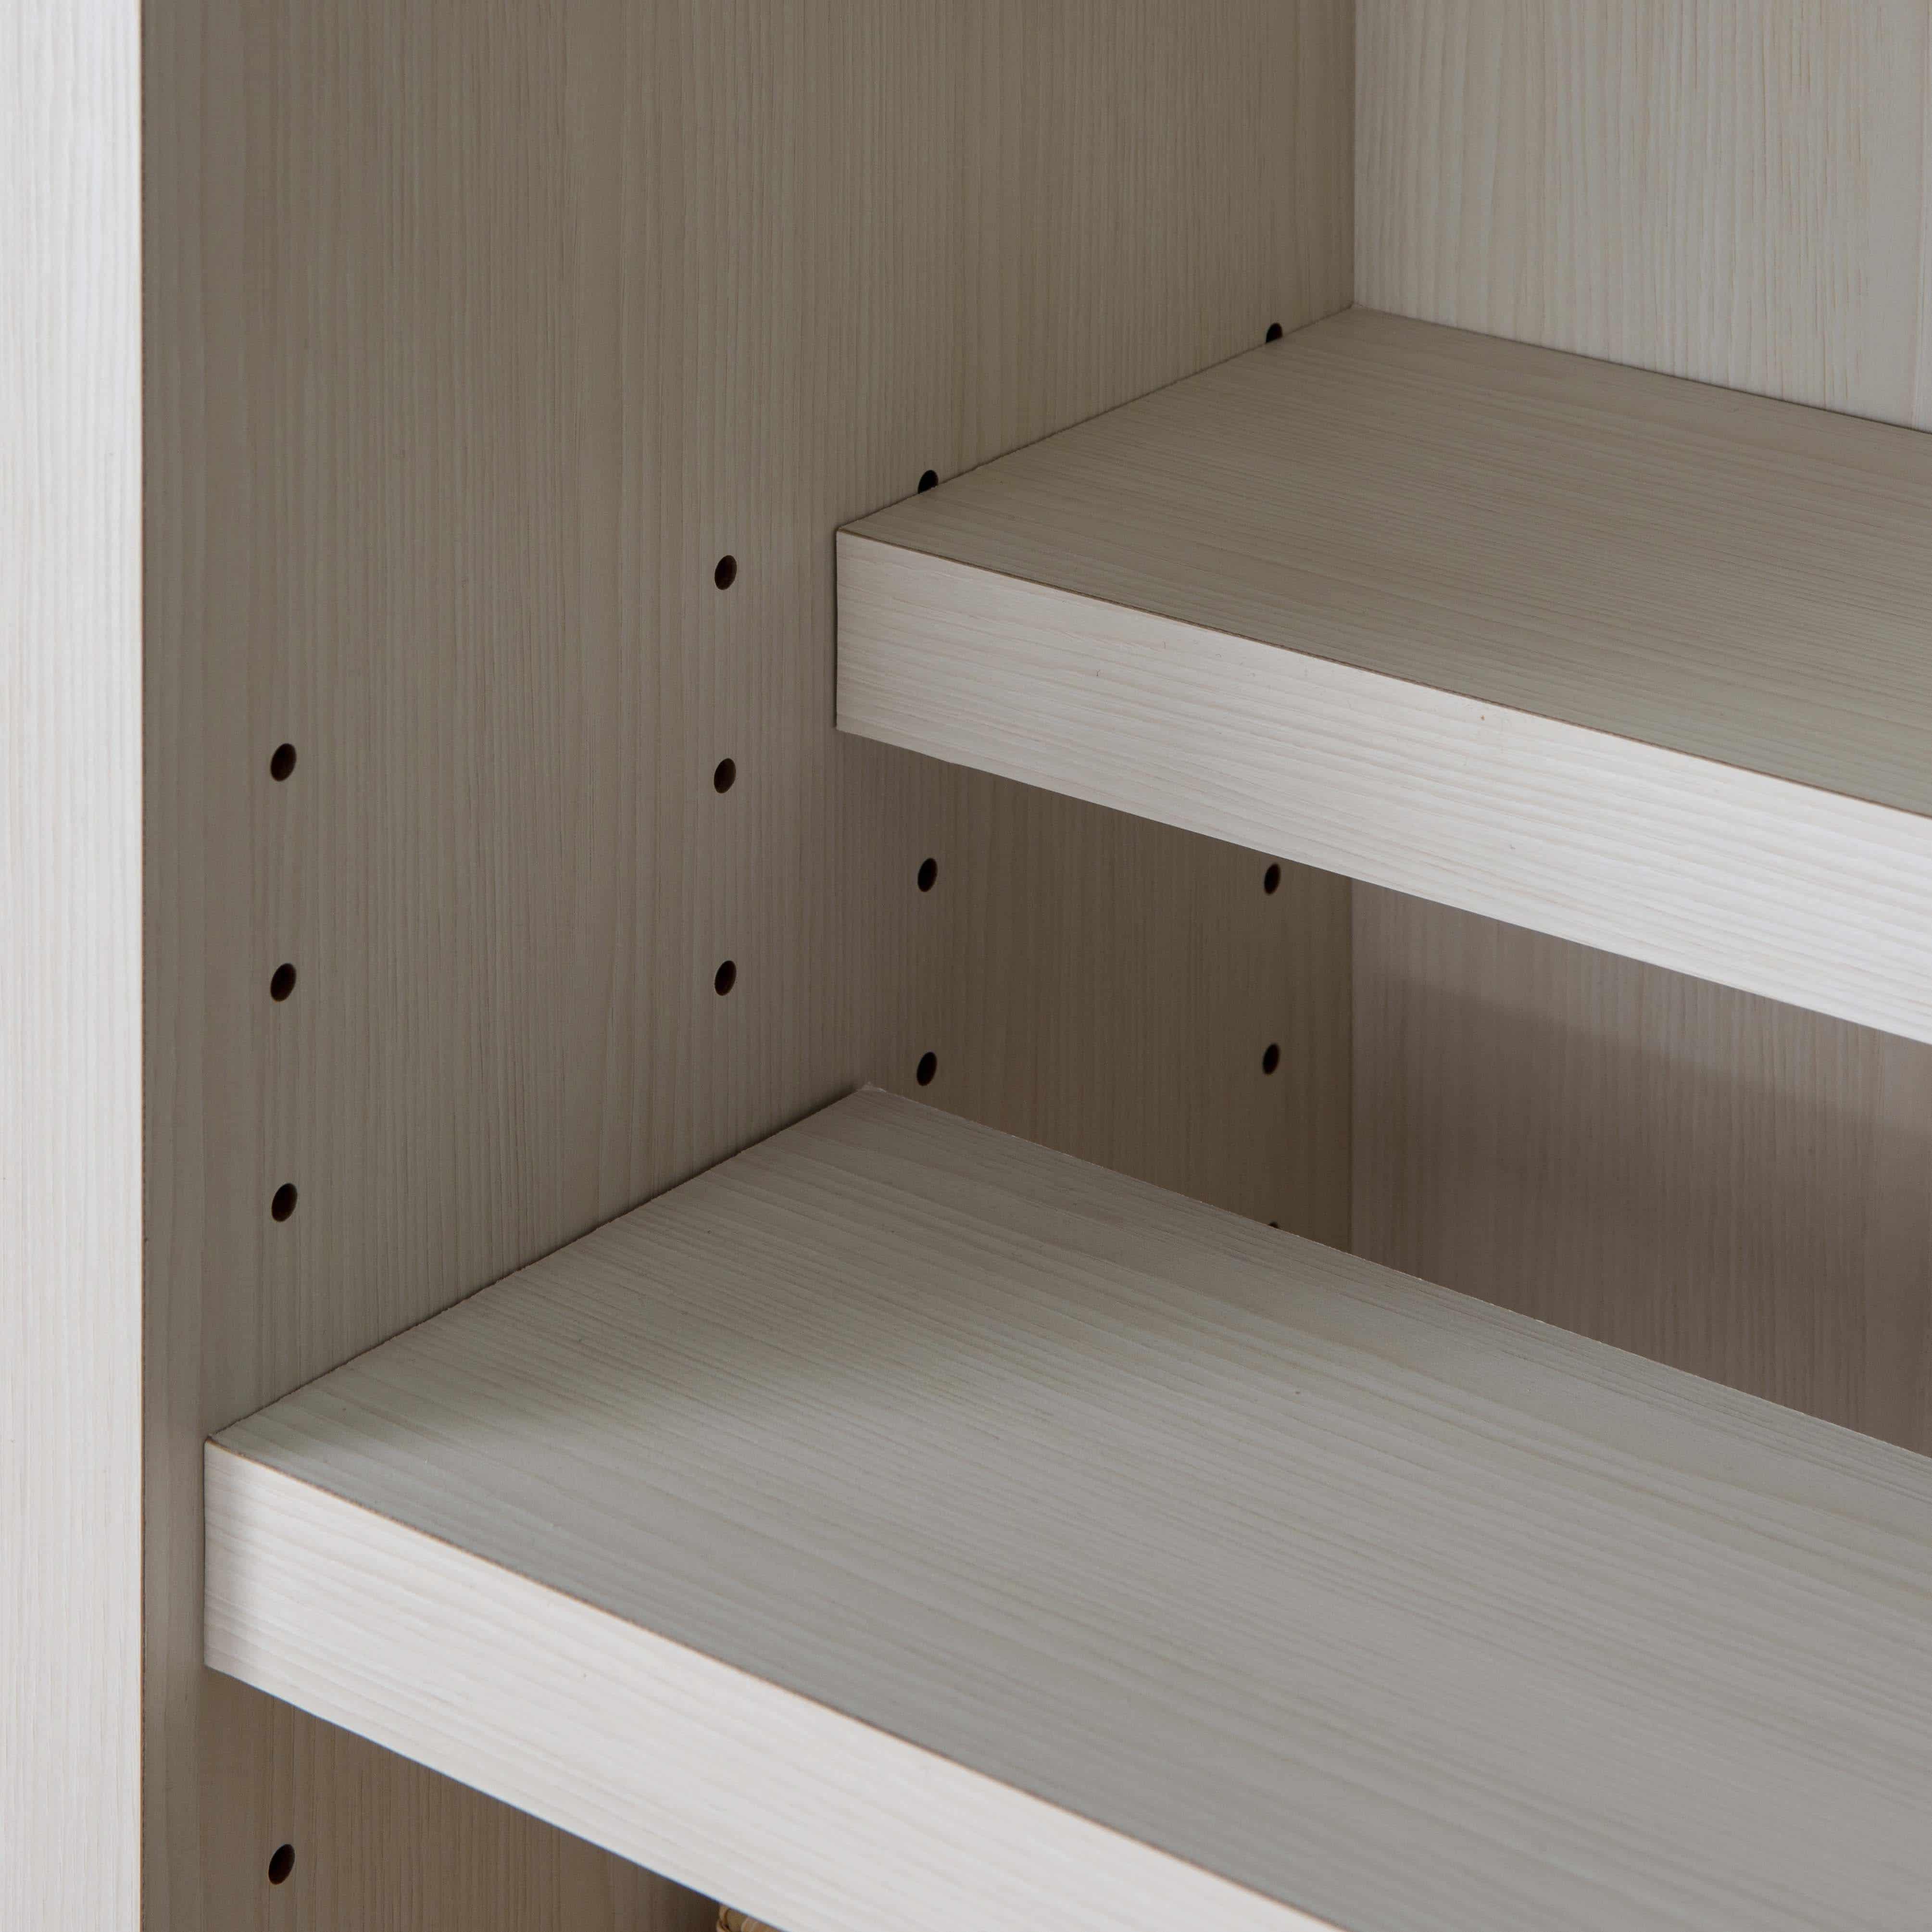 書棚 スカーラ 40Hフリーボード (ダークブラウン):細かな調整で無駄なく収納